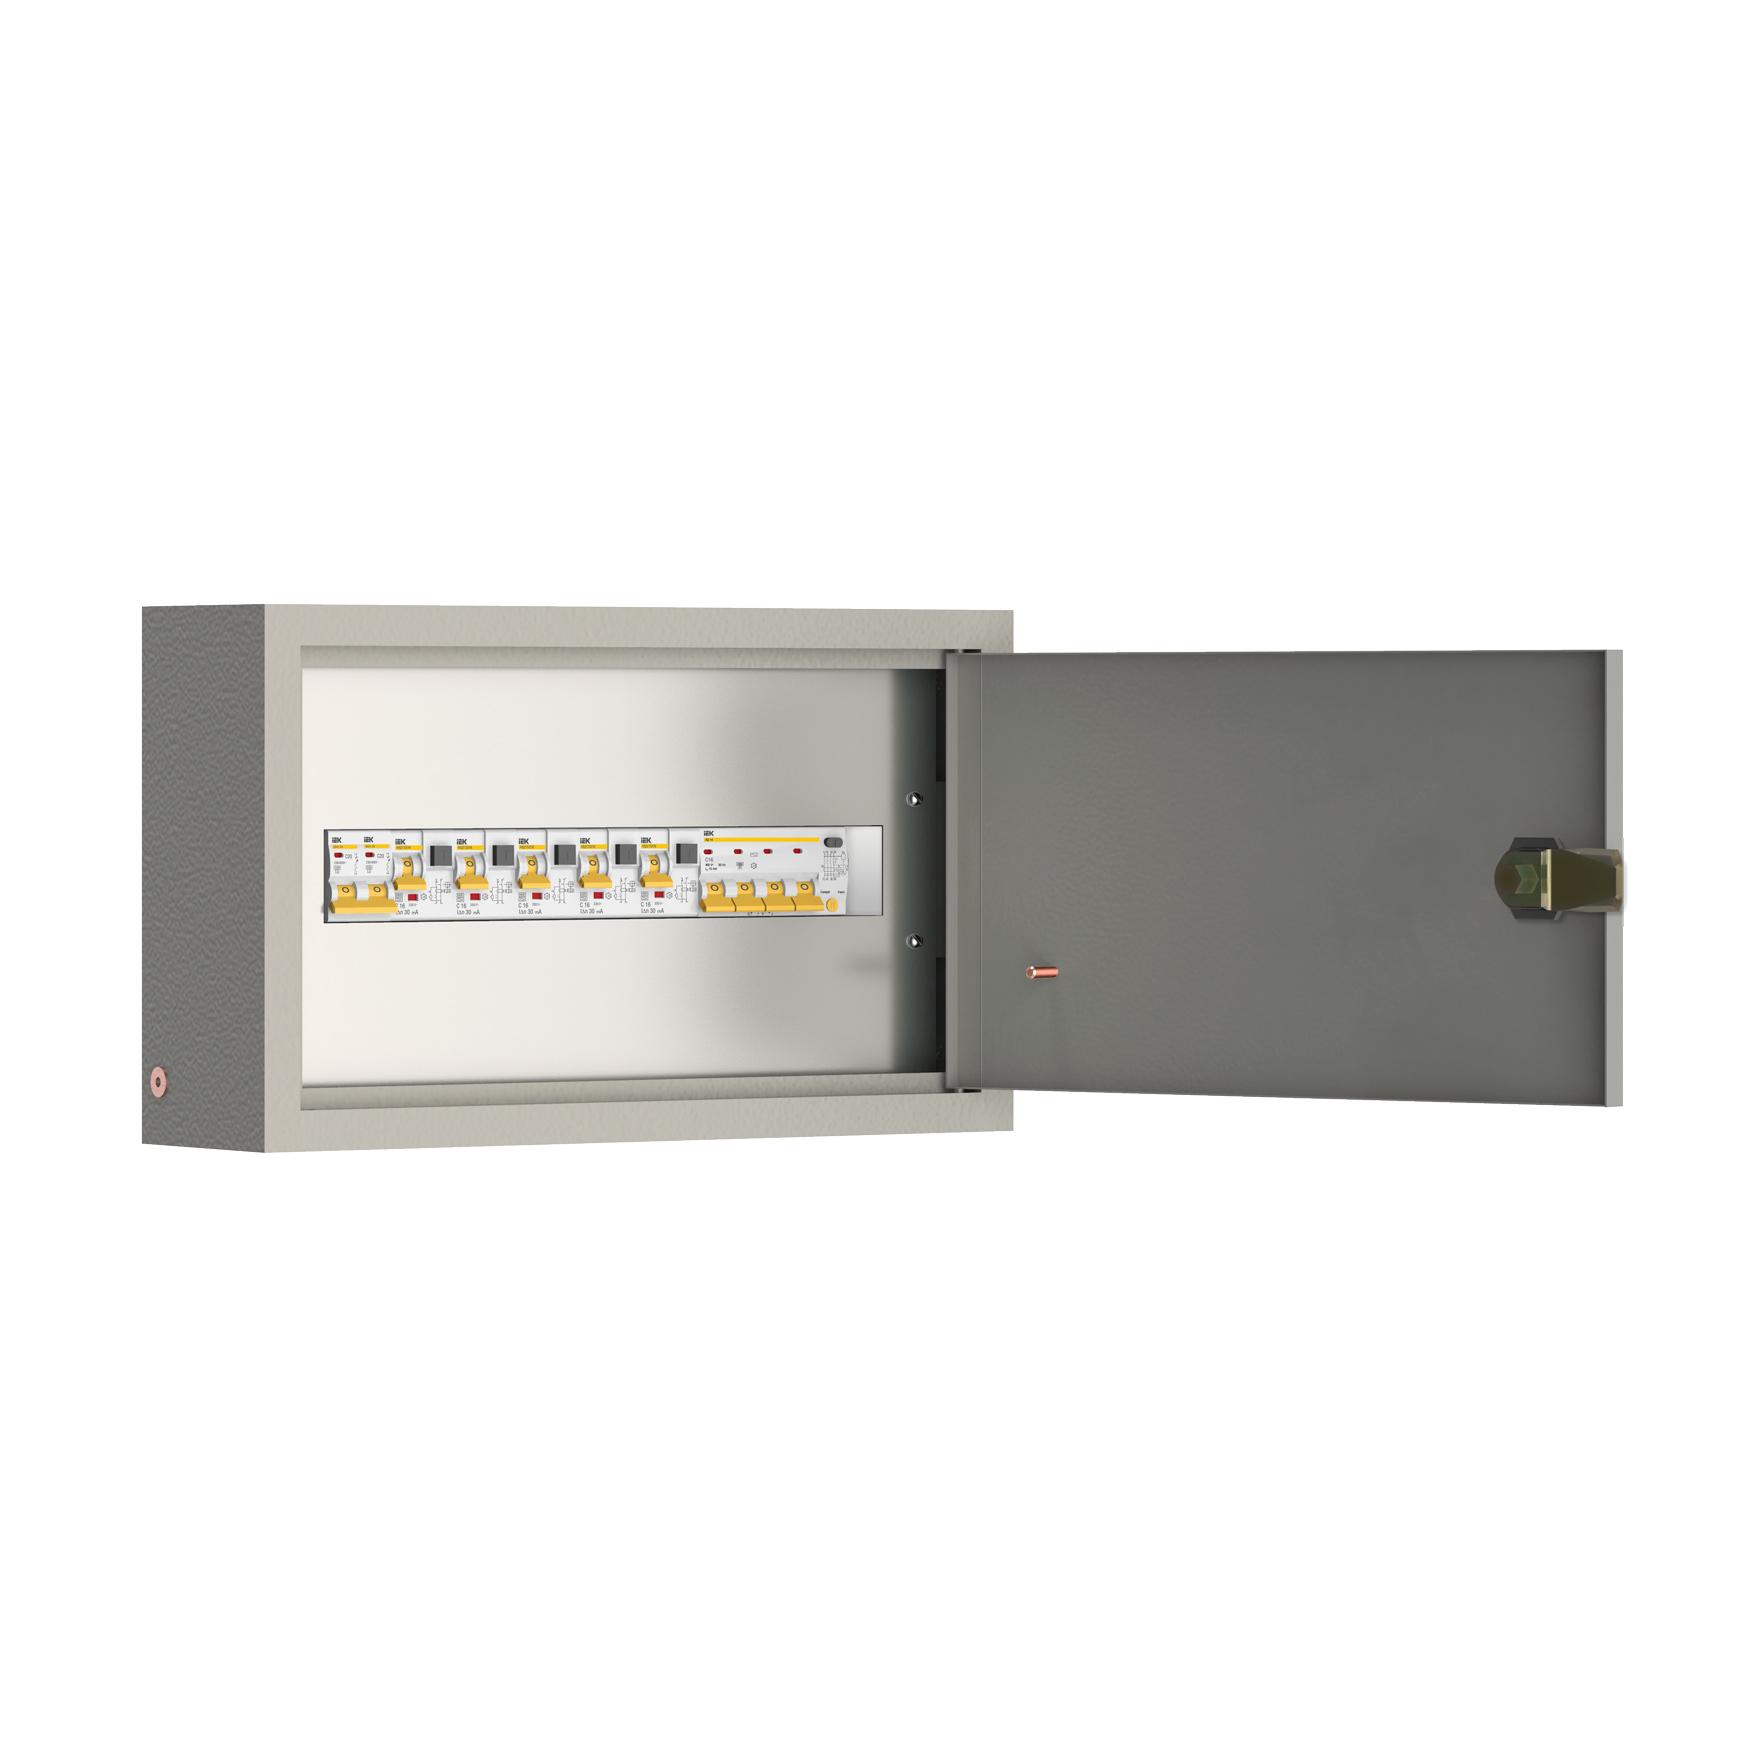 Щит квартирный навесной ЯК1-40-1-5-Н-1 АВДТ 1х40А 30мА выключатели автоматические 1Р 4х16А 1х32А IEK